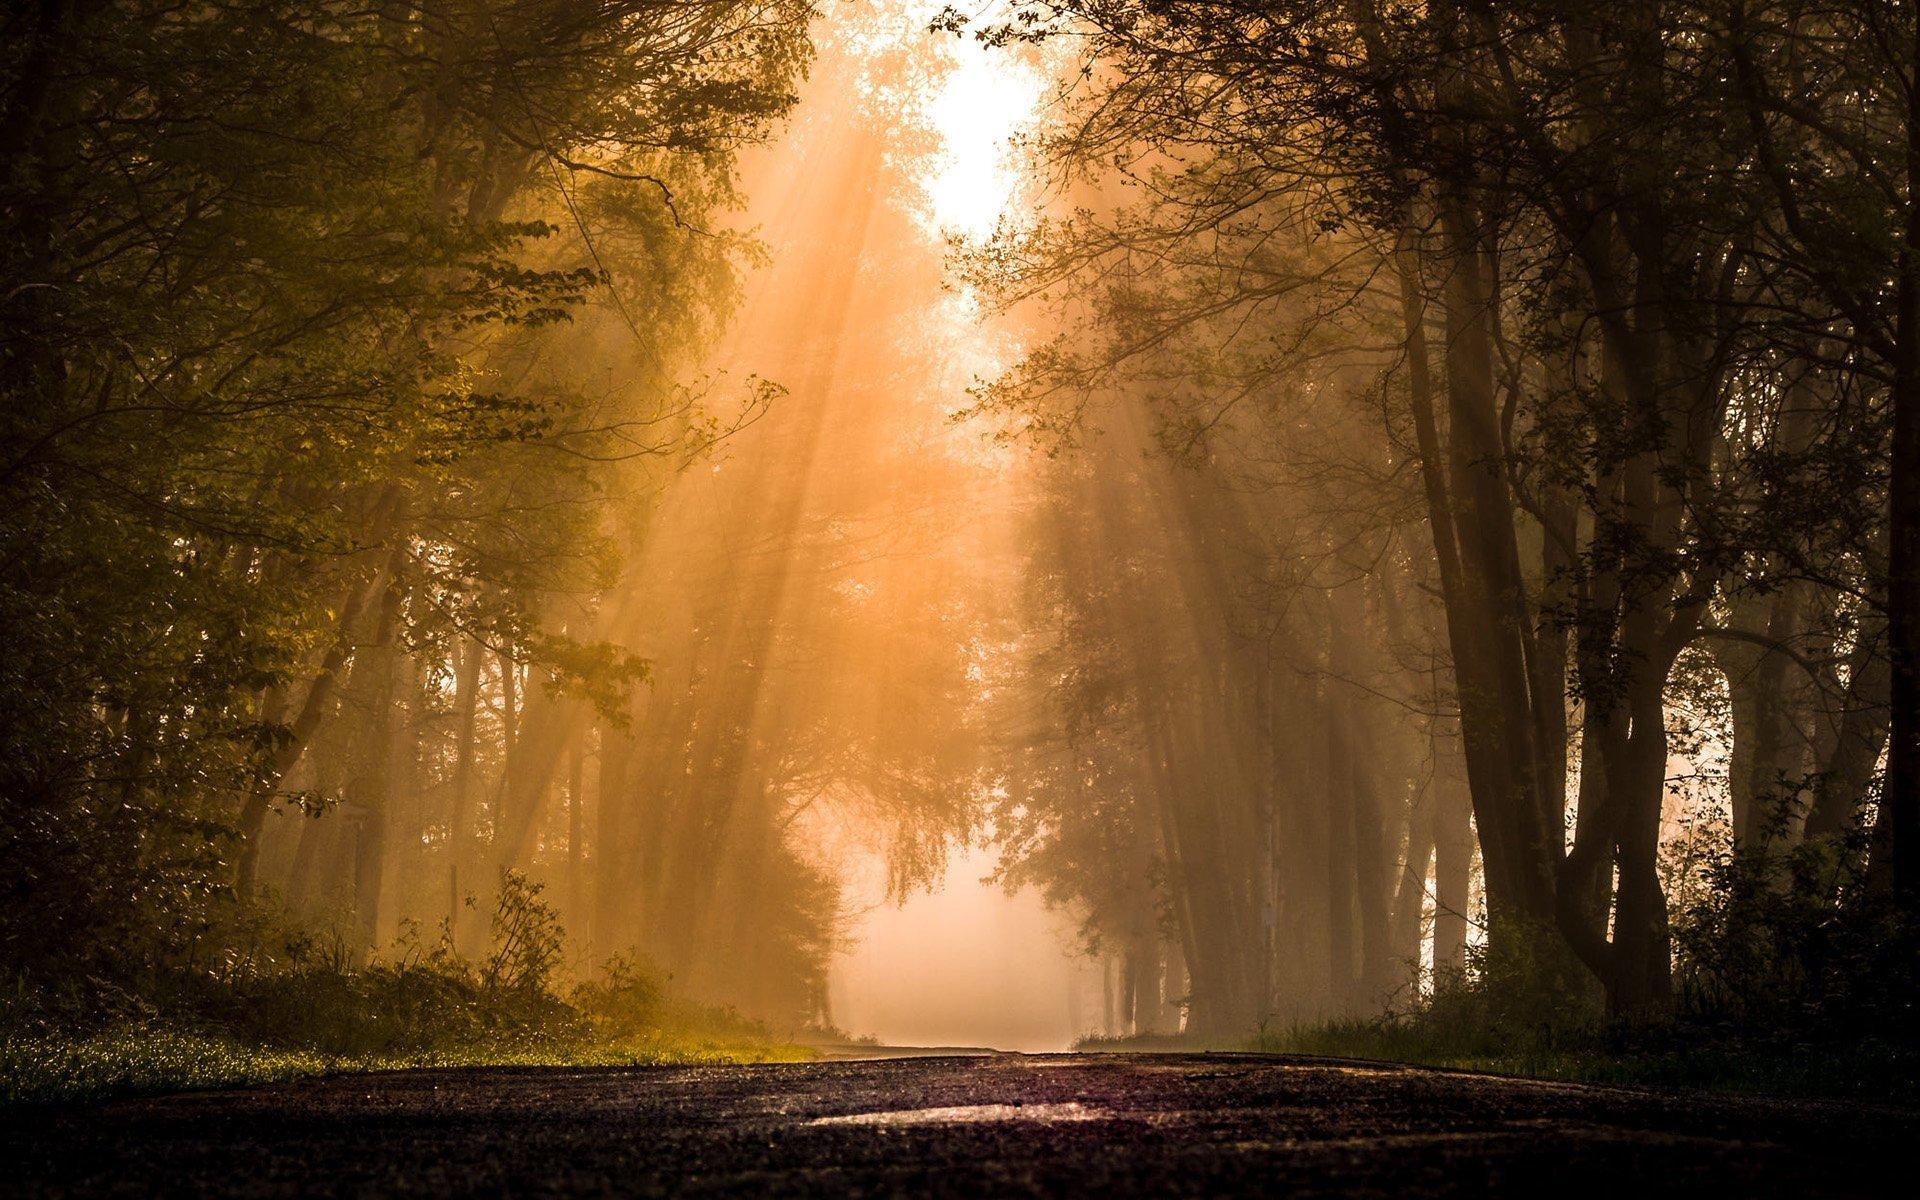 Hüzmeli Orman